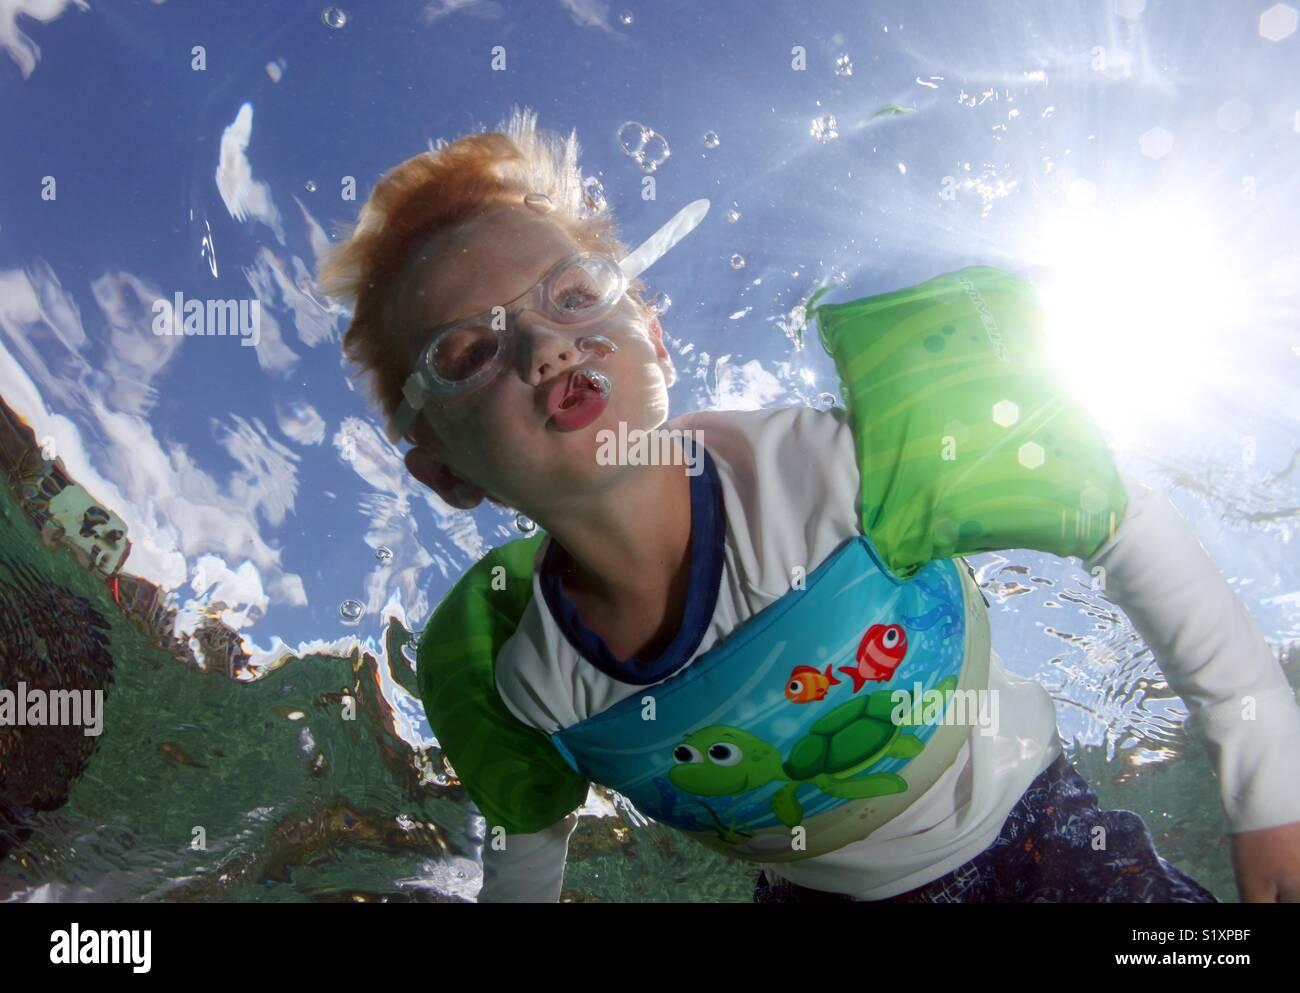 Un joven sopla burbujas de aire bajo el agua mientras el snorkeling en las Islas Vírgenes de EE.UU. Imagen De Stock